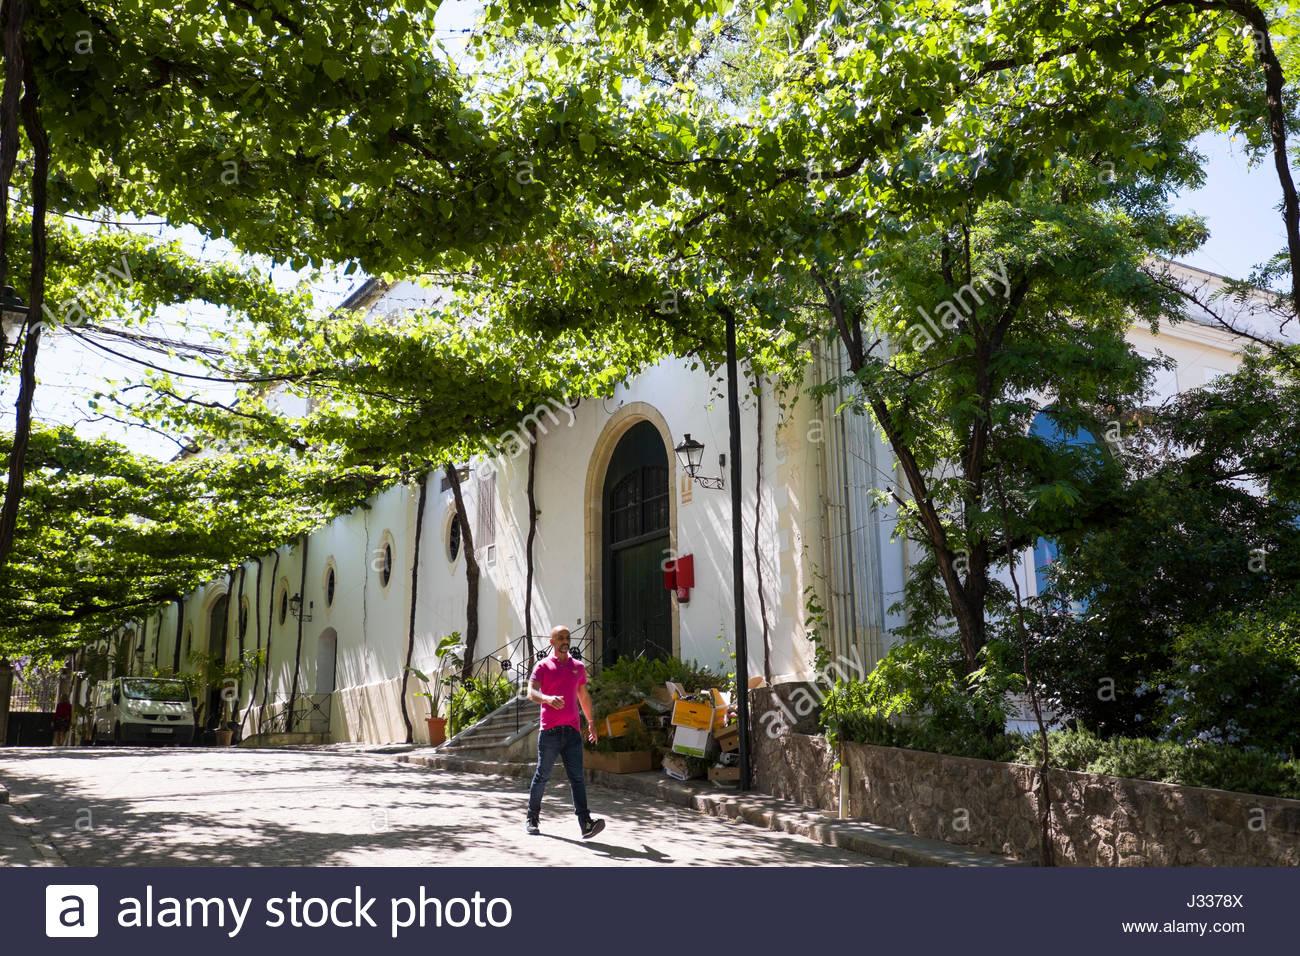 Reben wachsen auf Draht Gitter Schatten an der González Byass Tio ...